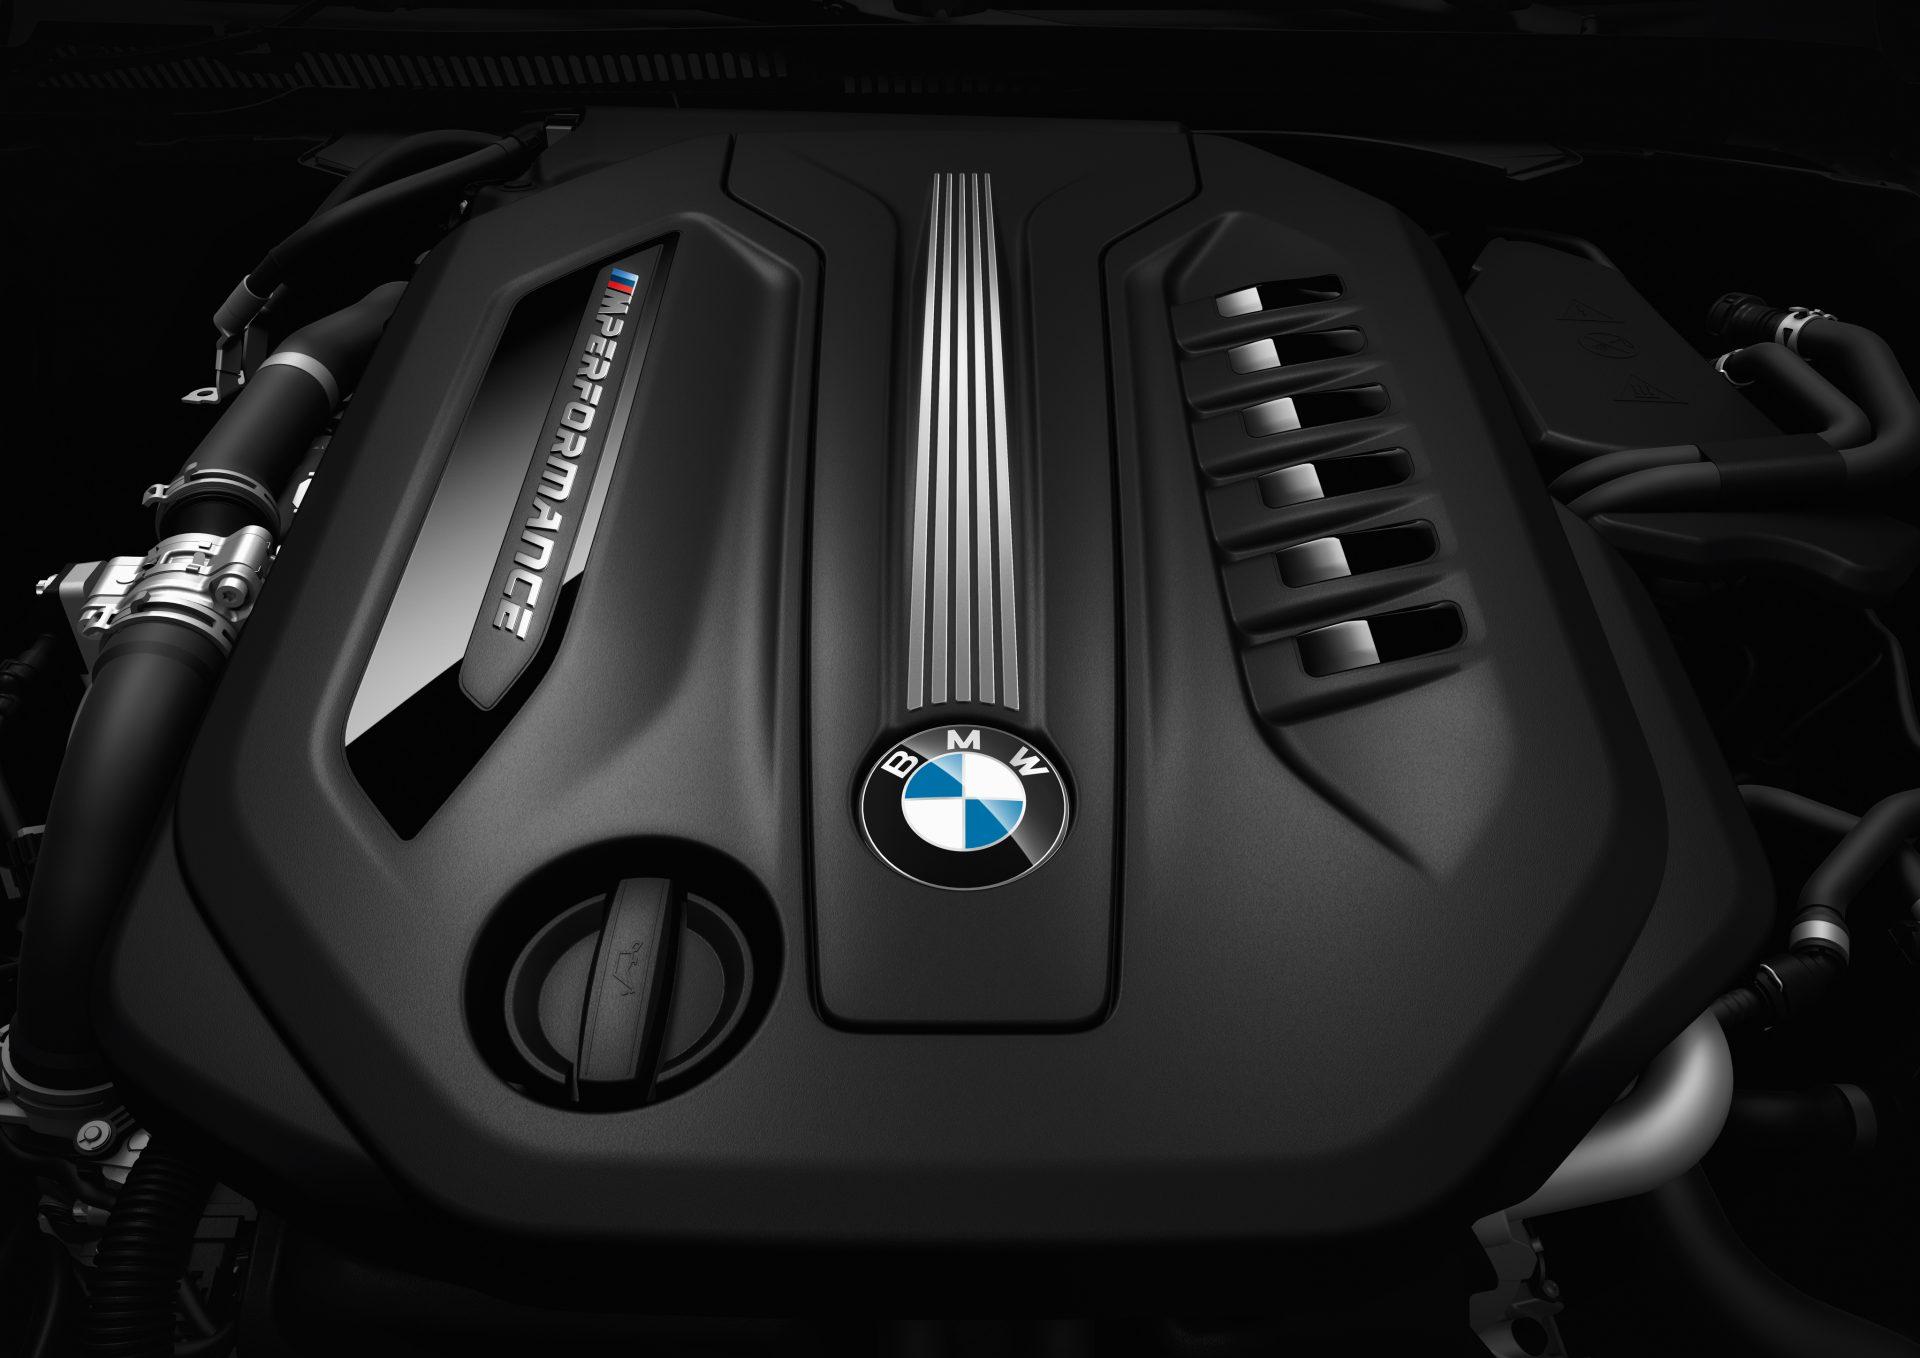 2017 Bmw M550d xDrive